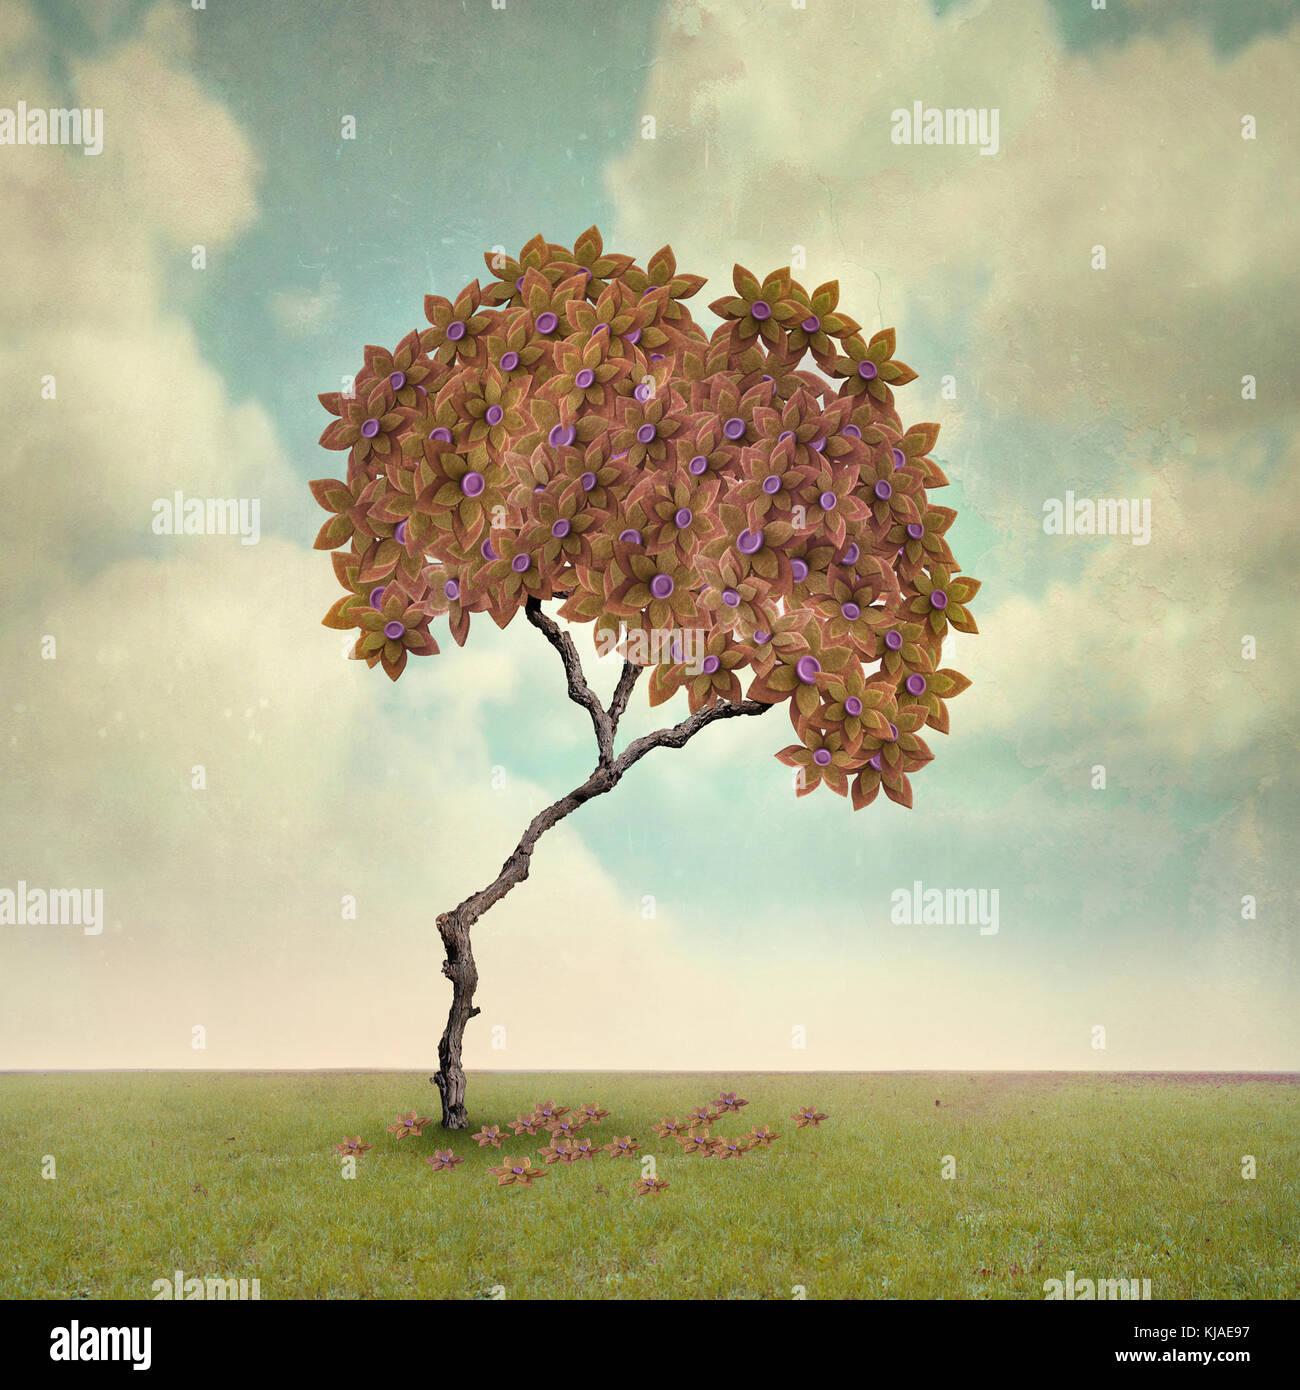 Arbre généalogique artistique d'illustration à l'automne Photo Stock